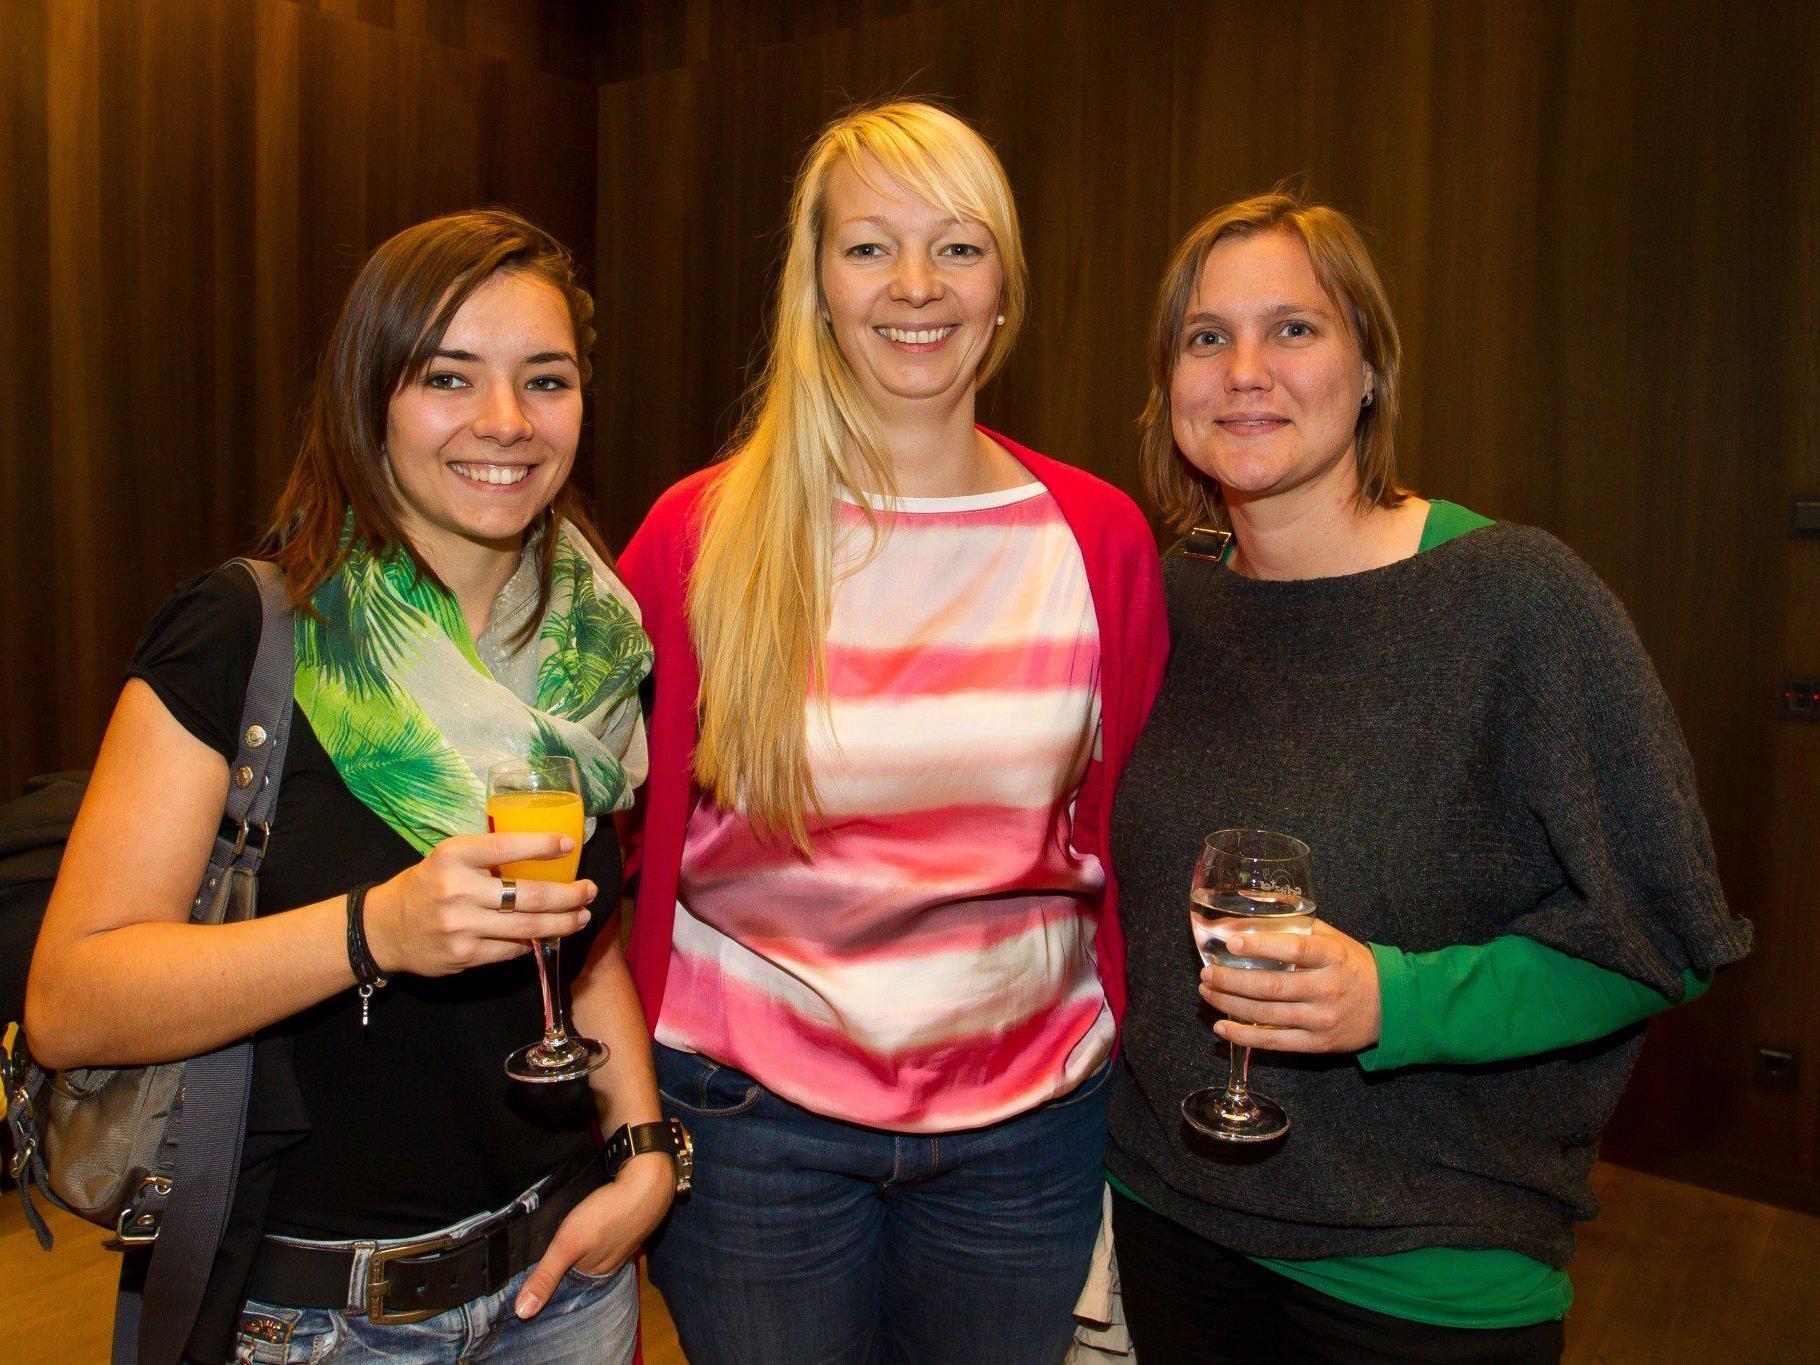 """Fabienne Köberle, Nicol Metzler und Elisabeth Mayer bei der Exkursion ins """"vorarlberg museum""""."""